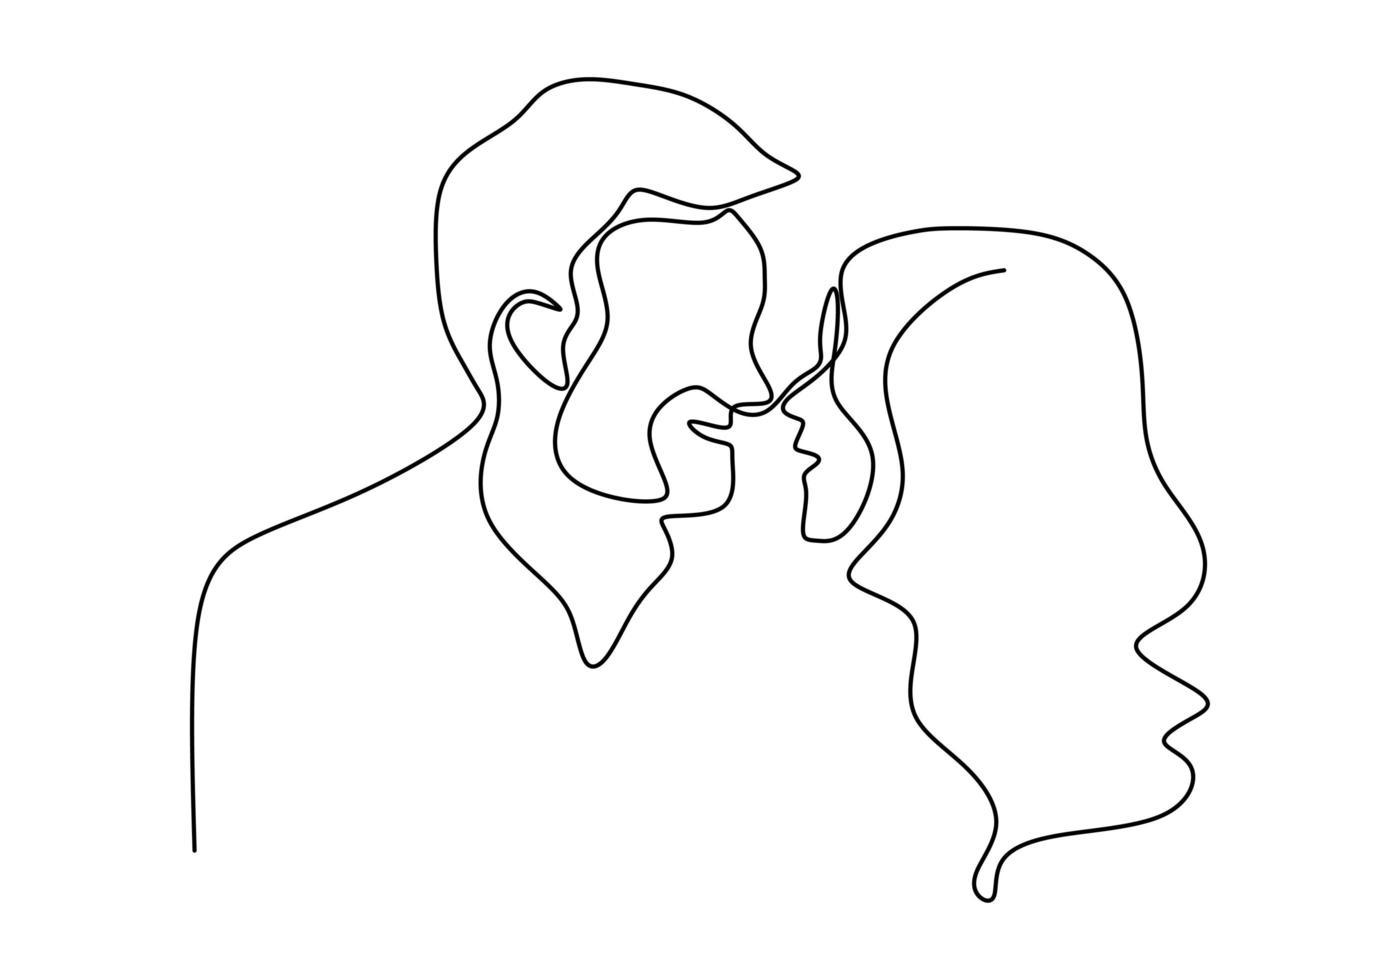 continu een enkele lijntekening van een romantische kus van twee geliefden. minimalisme hand getrokken schets vectorillustratie, goed voor Valentijnsdag spandoek, poster en achtergrond. relatie concept. vector